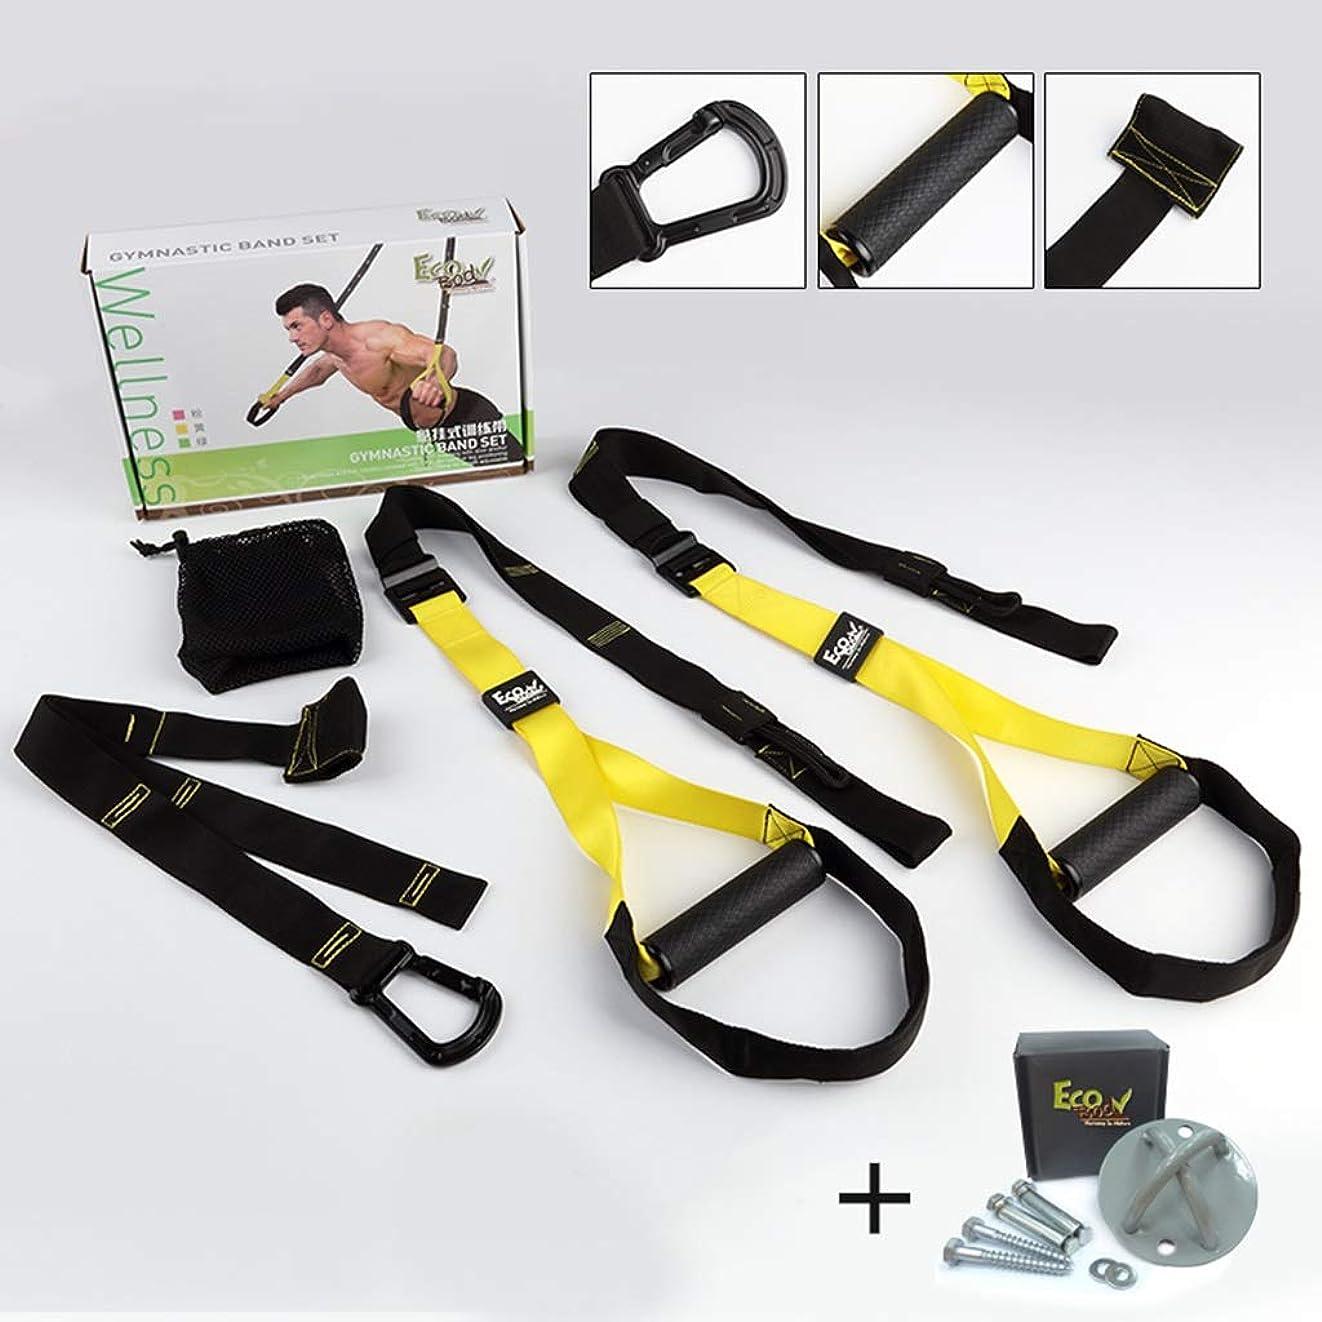 乱暴なスカート種プルロープ男性の胸の抵抗運動家スクワットフィットネス機器と吊り訓練 (色 : Fitness package+fixed disk)